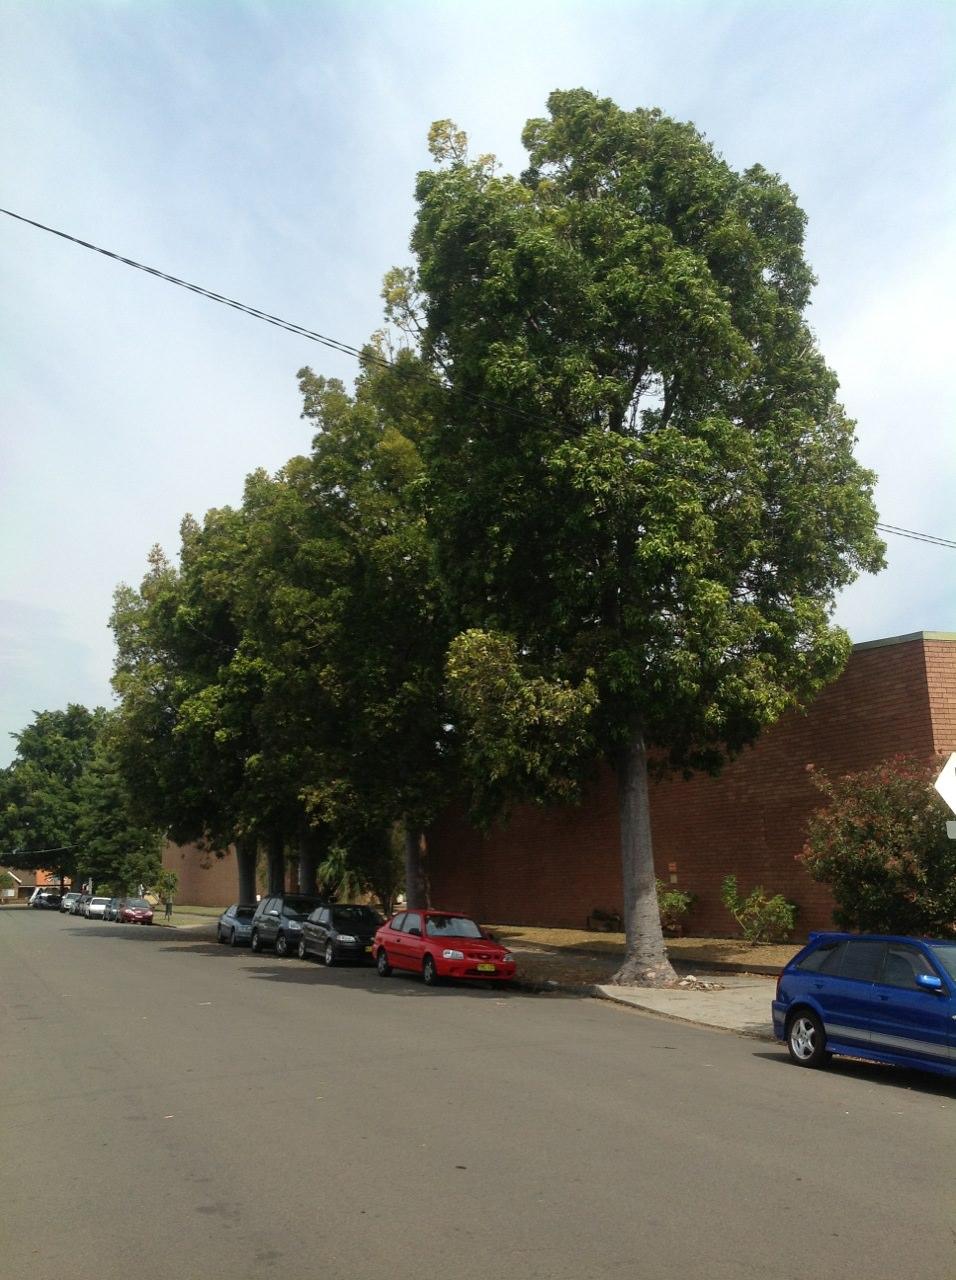 Queensland Kauri Pines